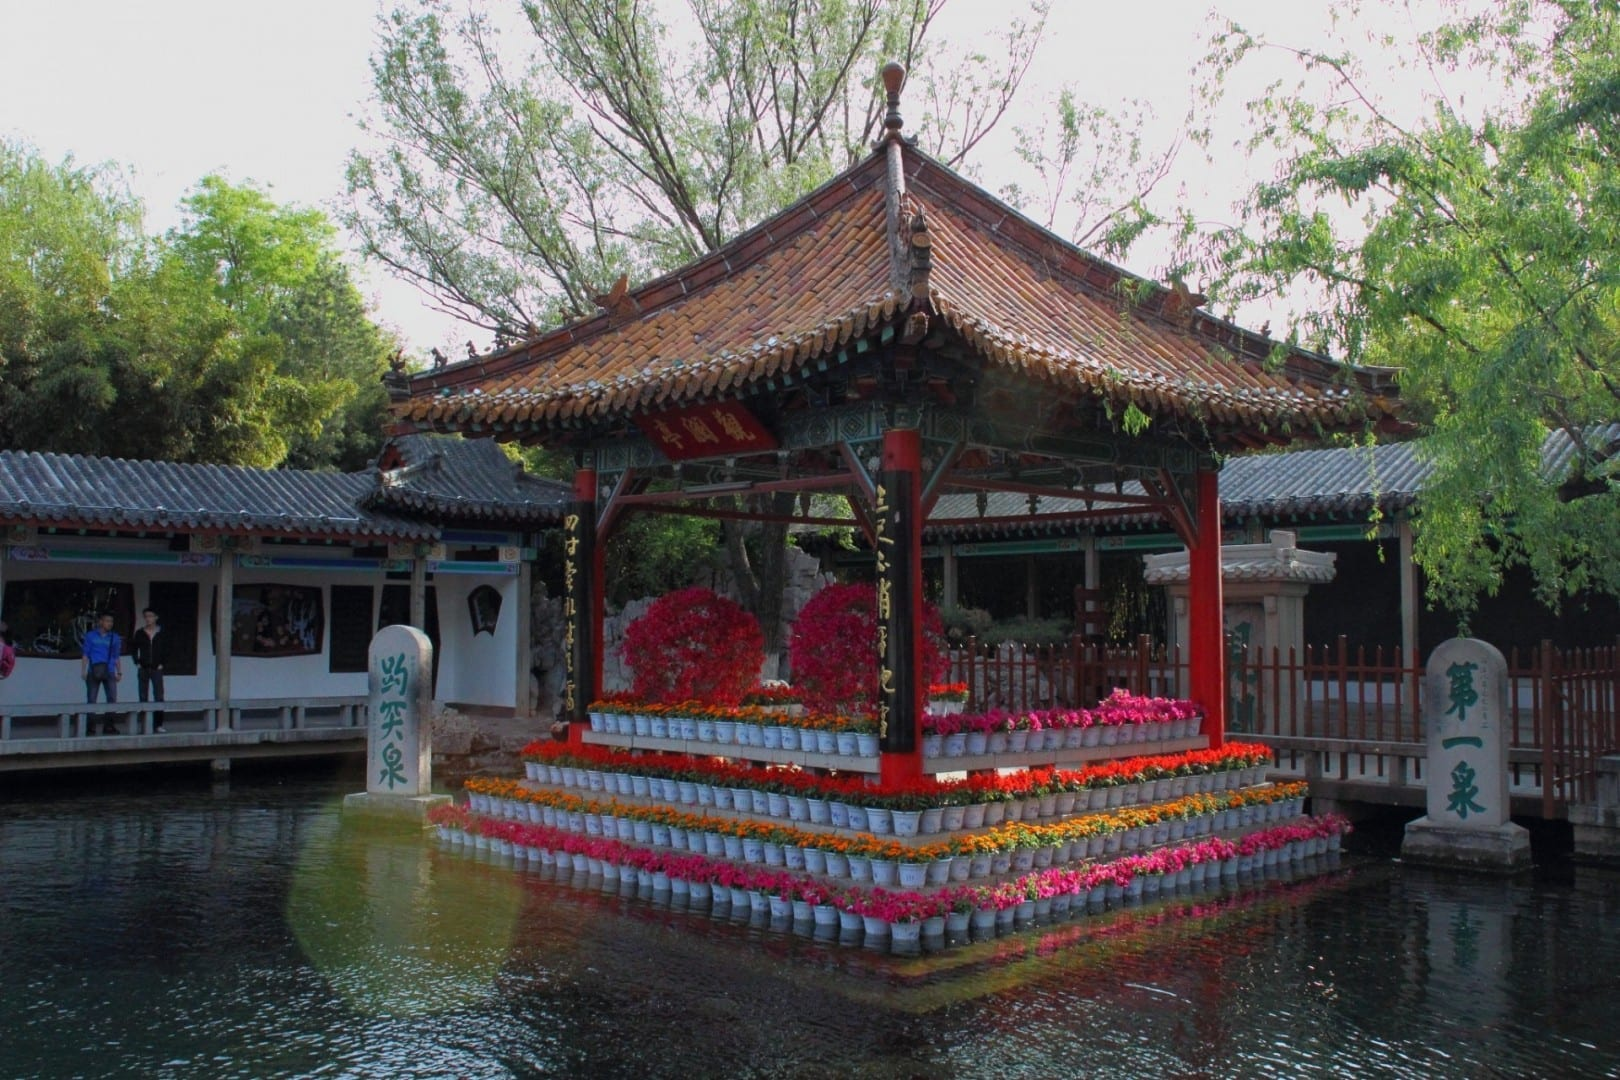 Pabellón principal en el Parque de la Primavera de Baotu. Jinan China